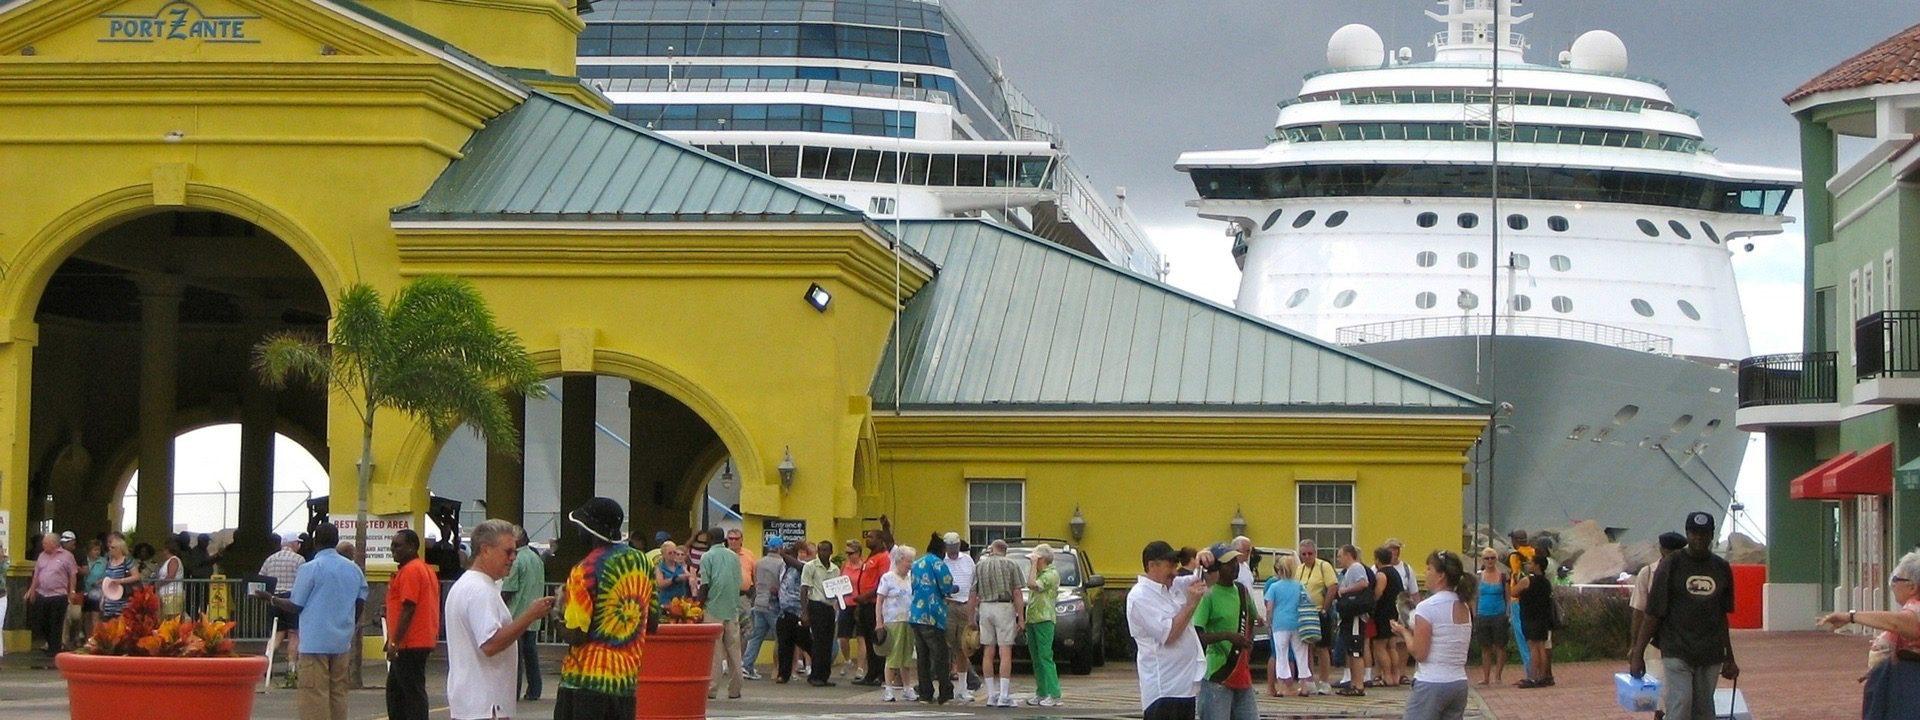 Resa till St Kitts och Nevis